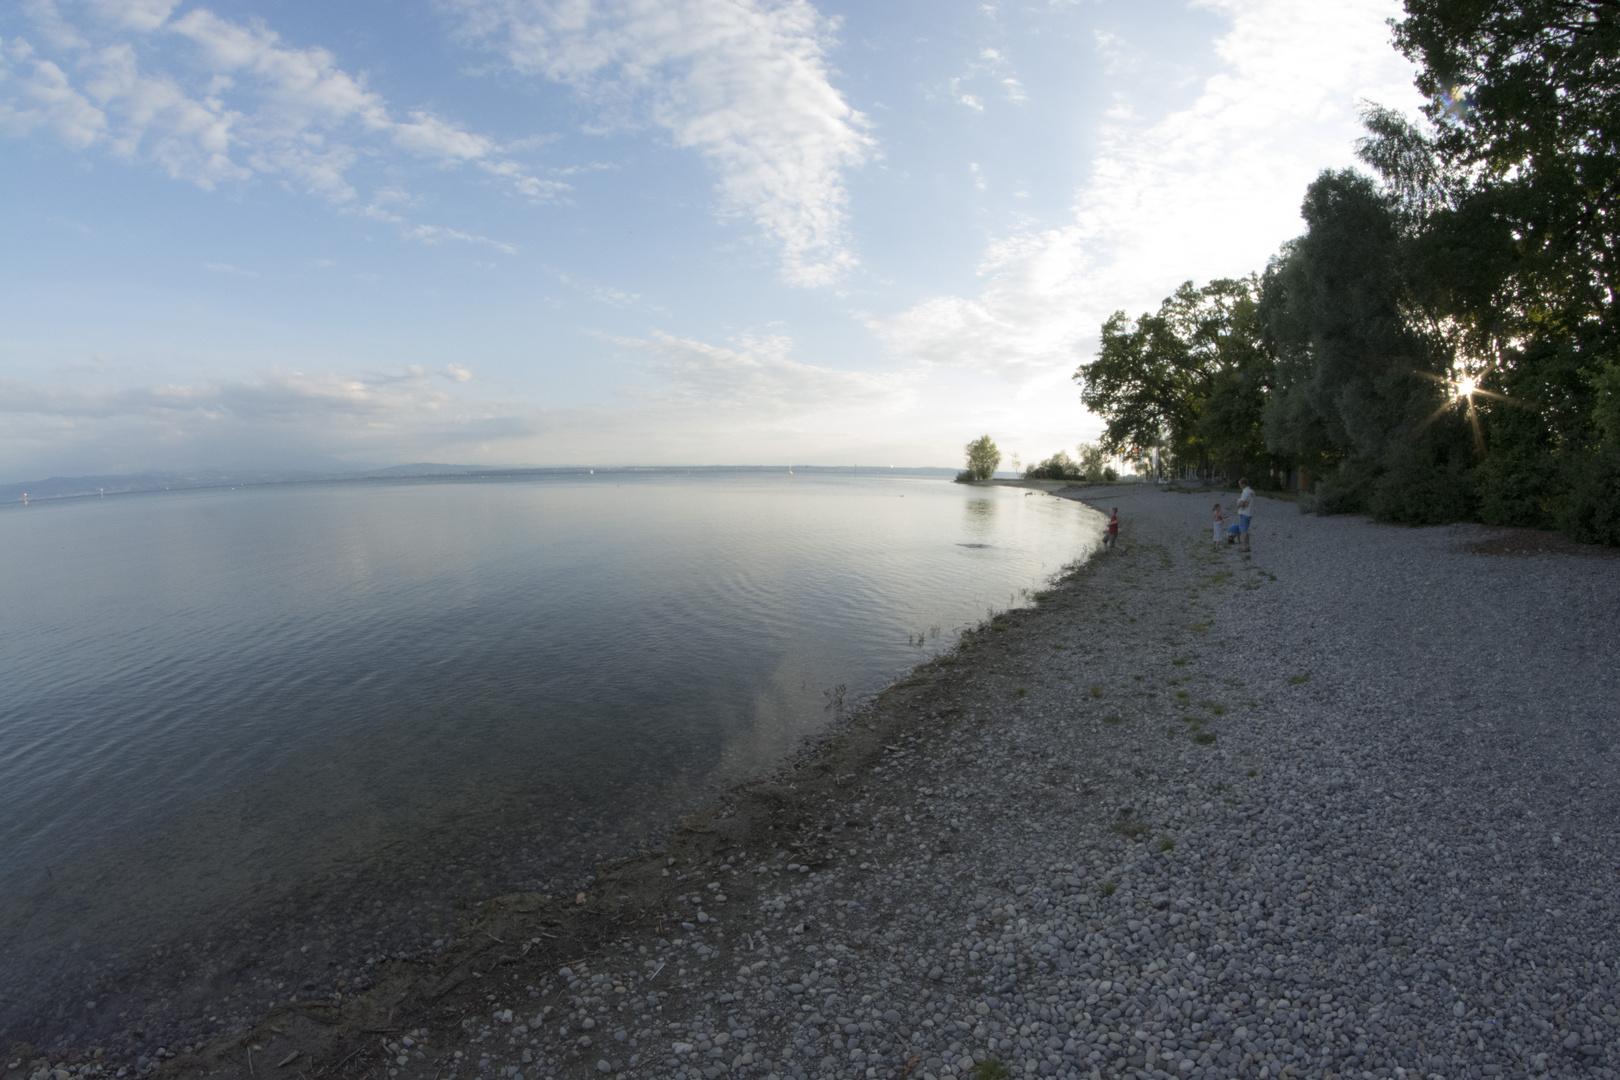 Beim Störr blick auf den See 15.06.2014